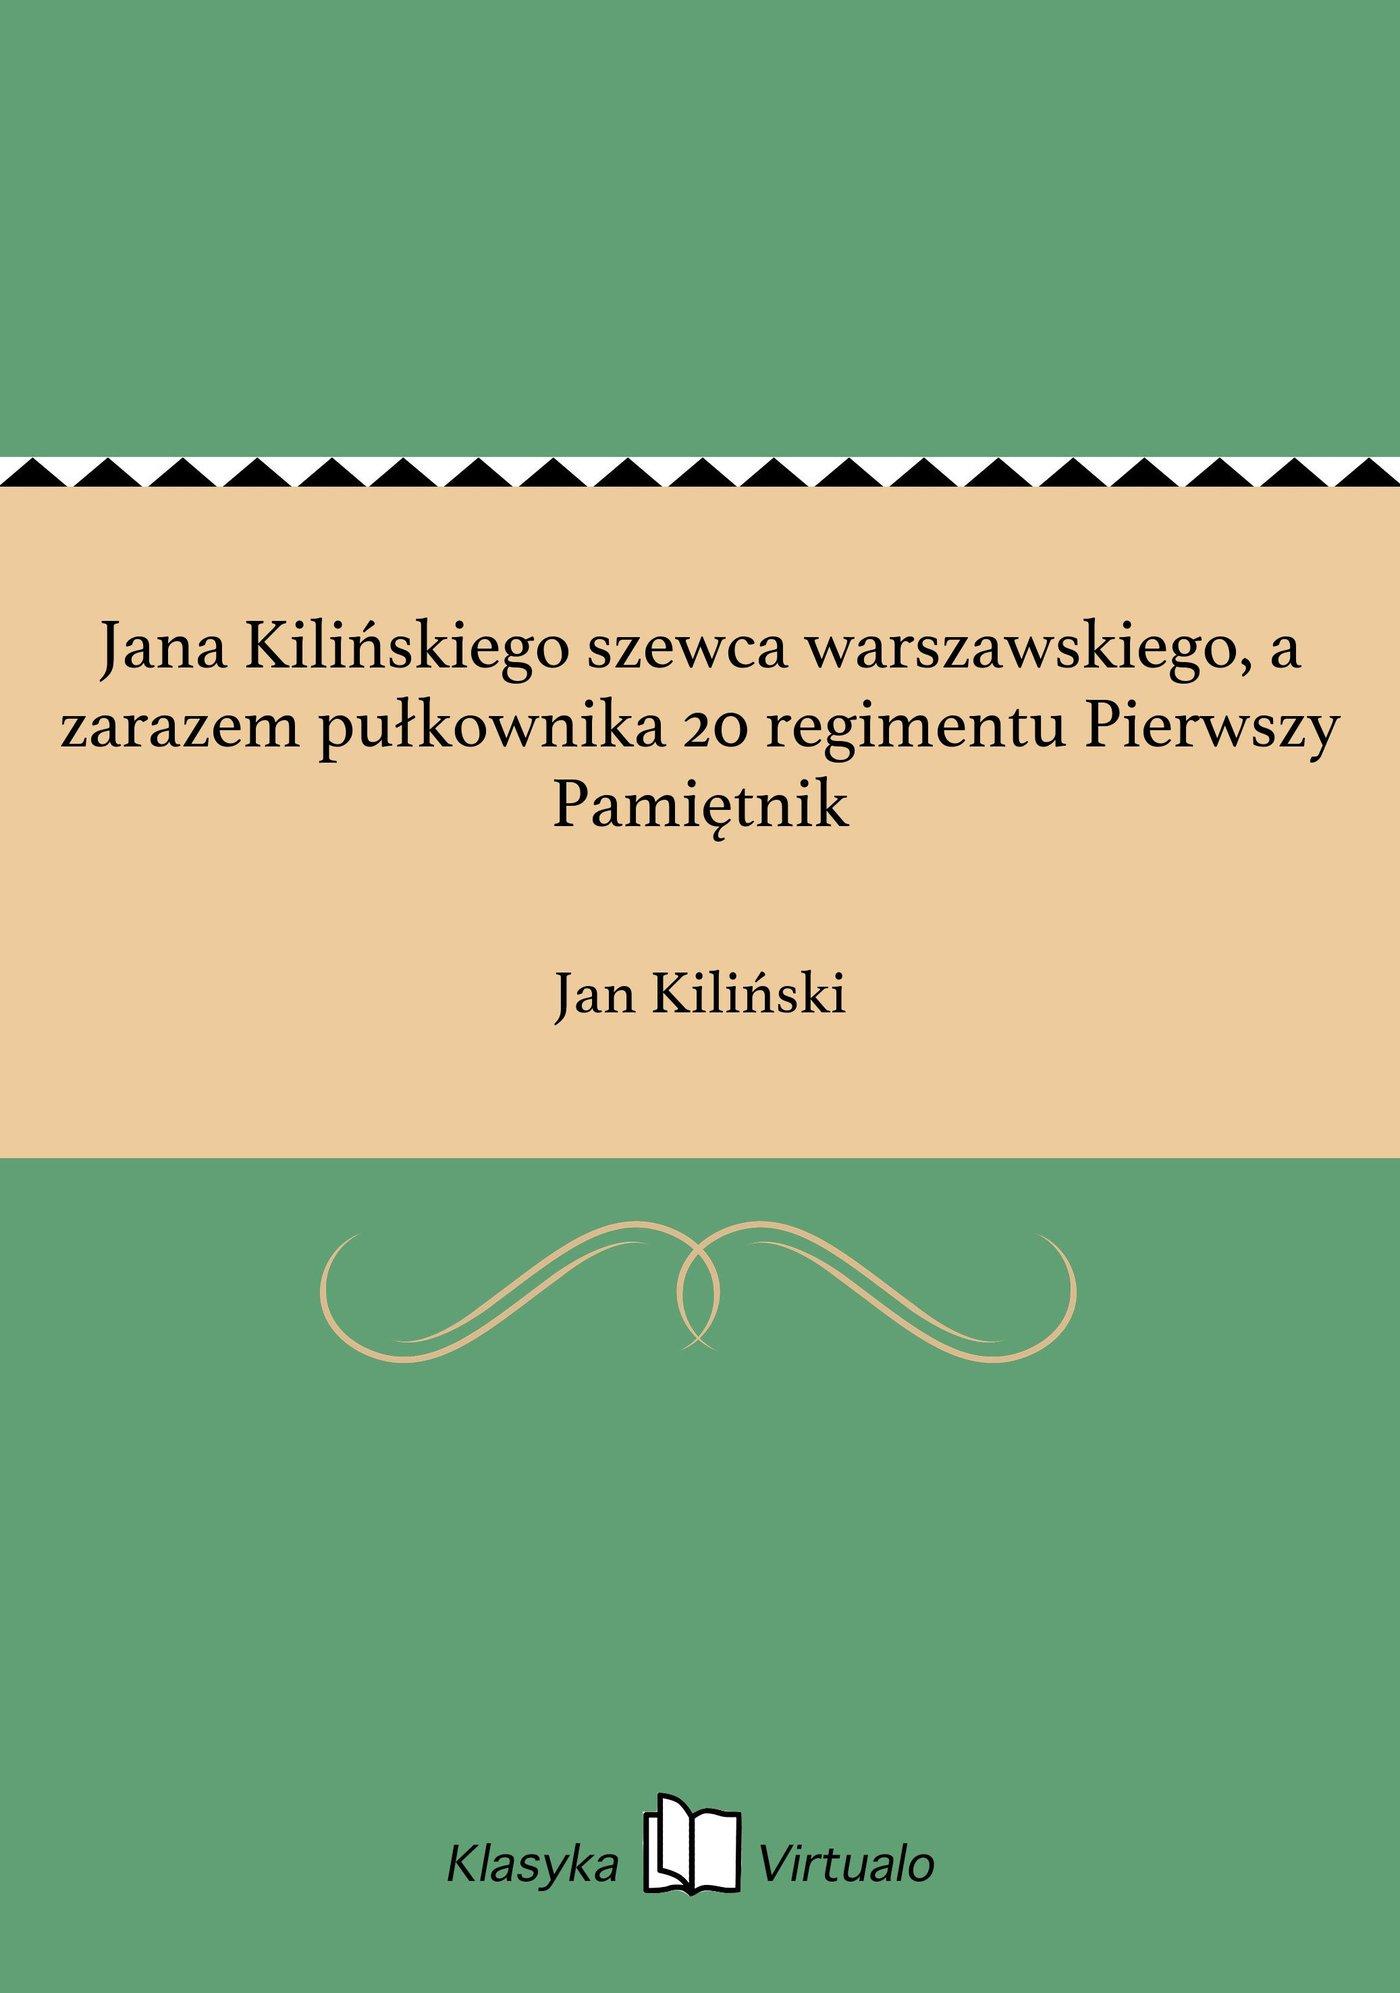 Jana Kilińskiego szewca warszawskiego, a zarazem pułkownika 20 regimentu Pierwszy Pamiętnik - Ebook (Książka EPUB) do pobrania w formacie EPUB